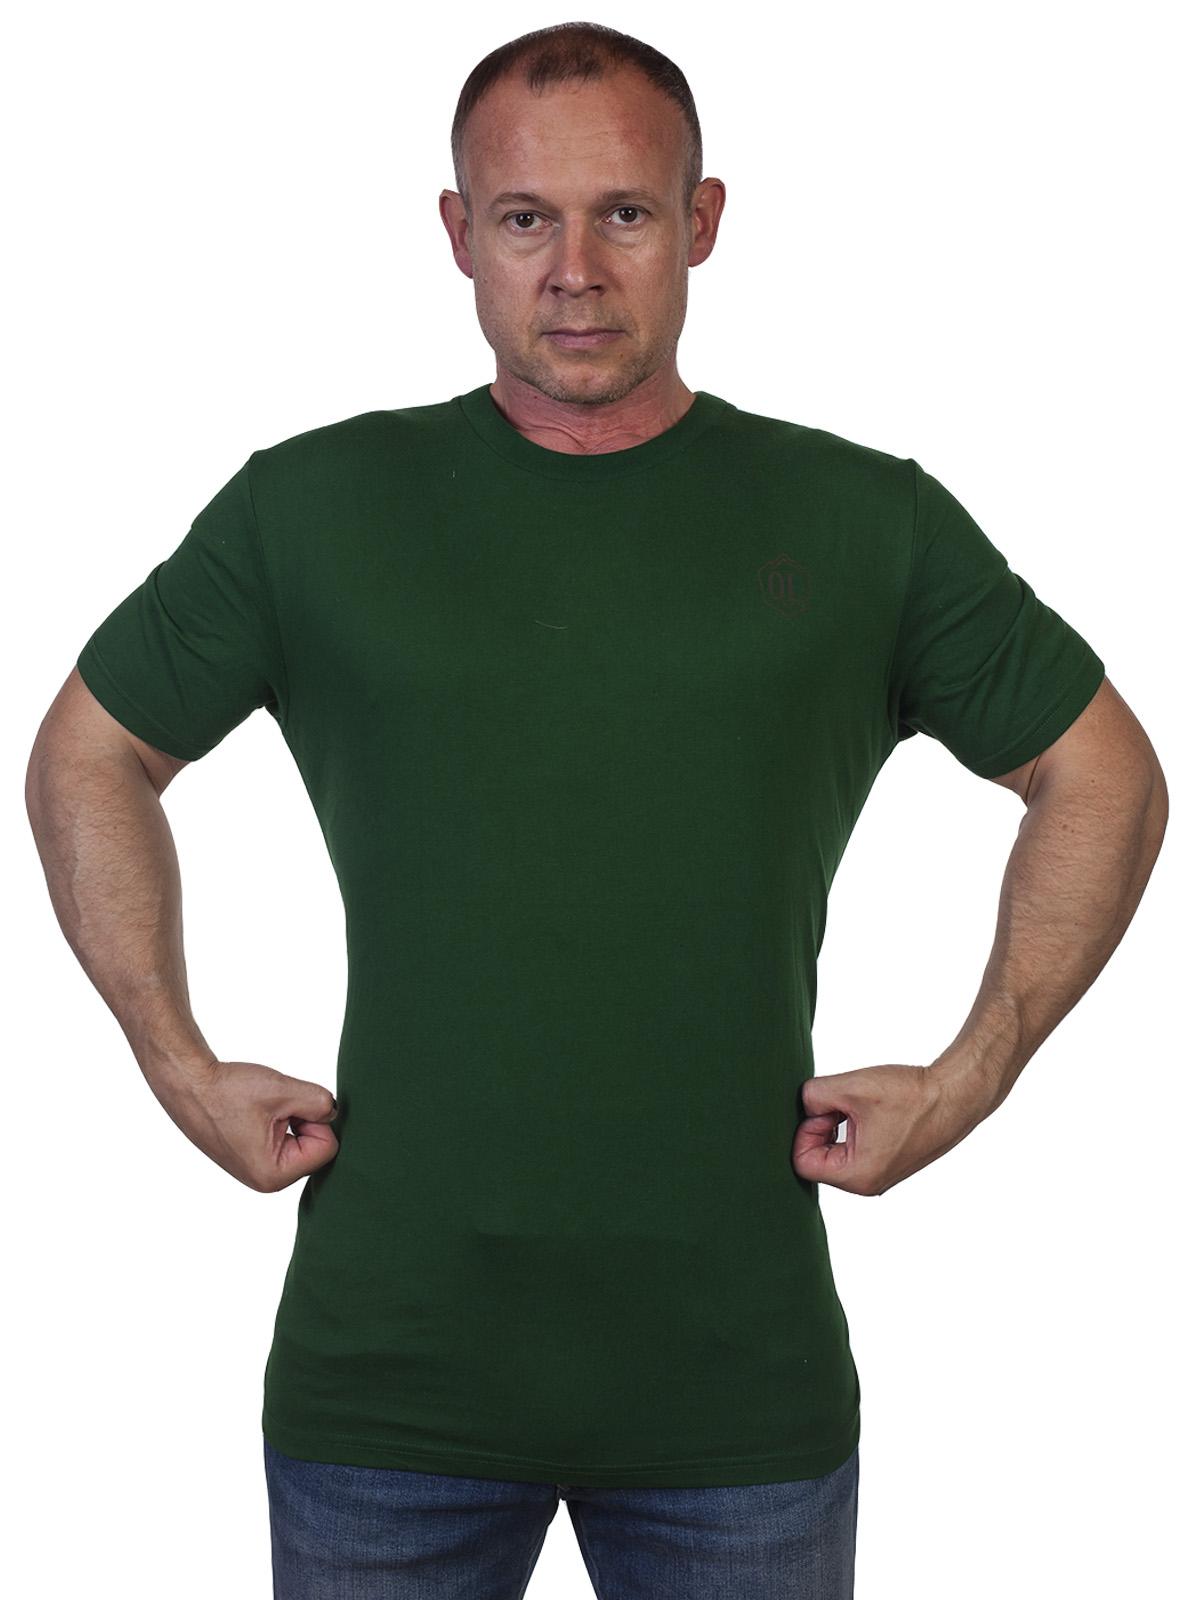 Мужские футболки Outdoor life оптом и в розницу